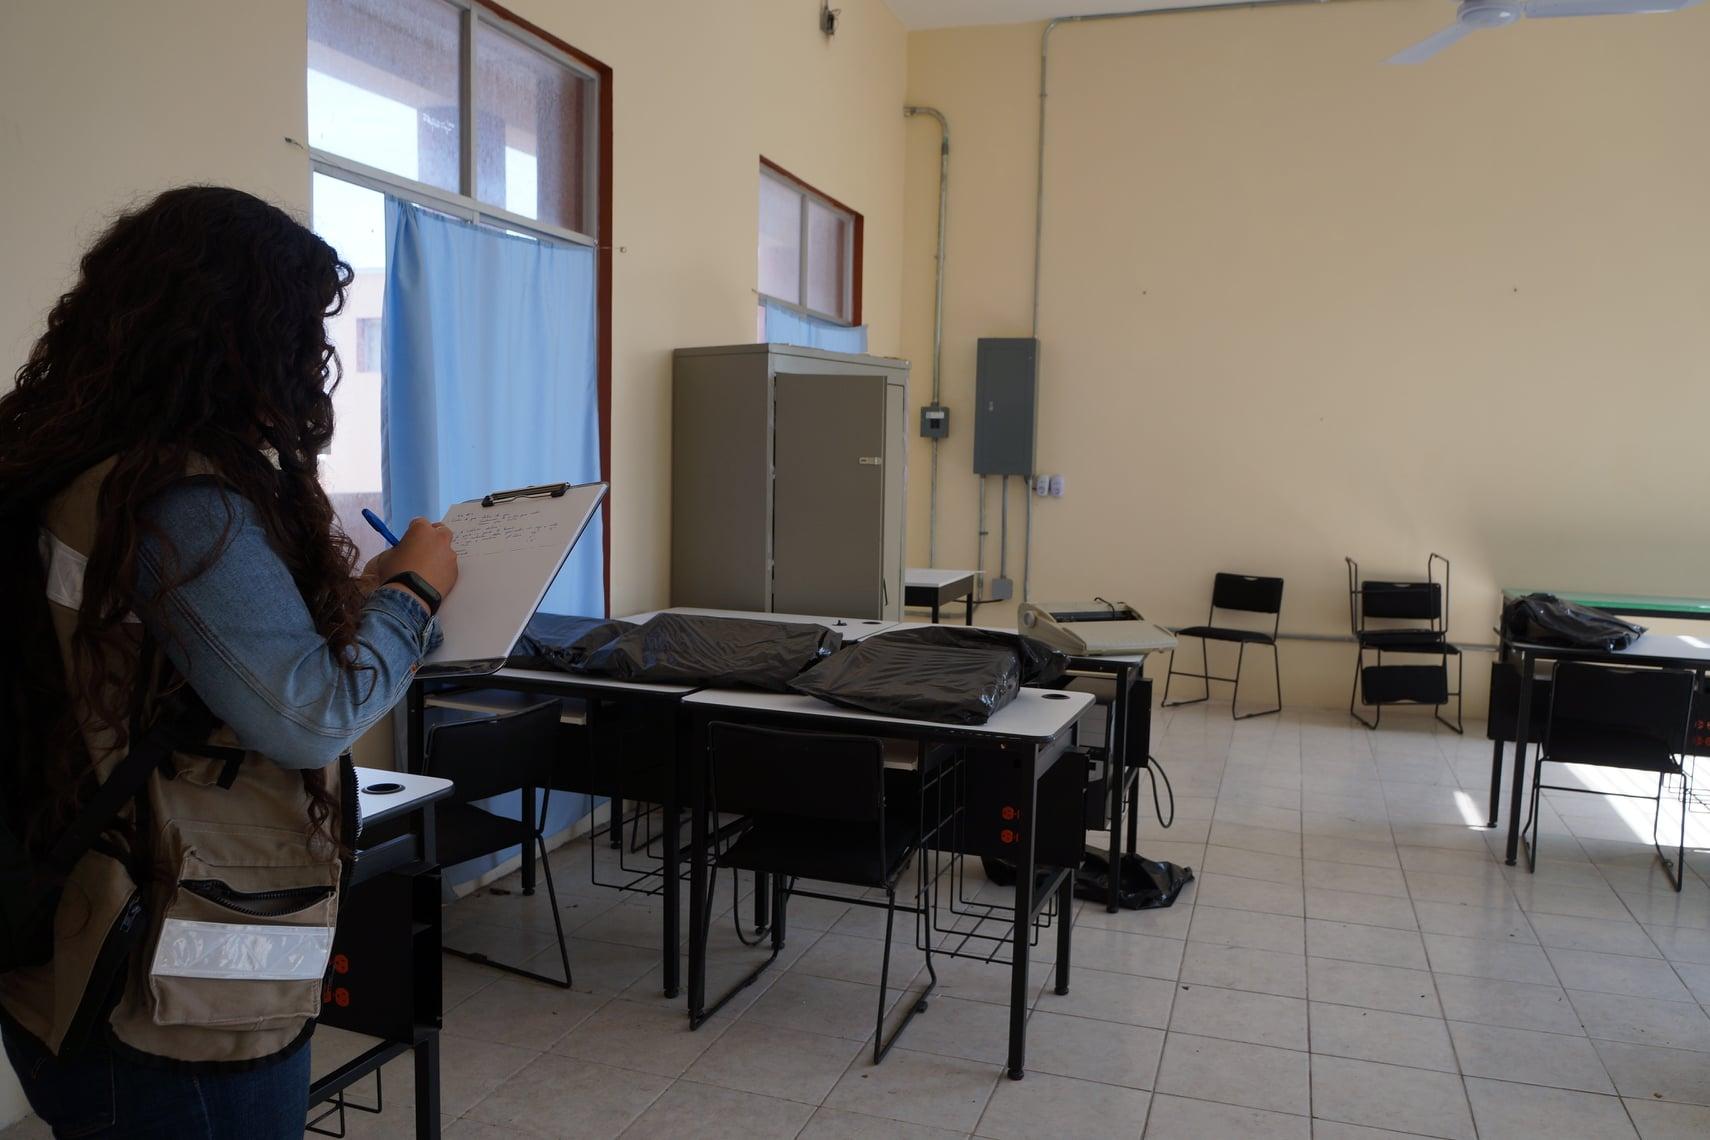 Ninguna escuela particular en Veracruz-Boca del Río, ha regresado a clases presenciales